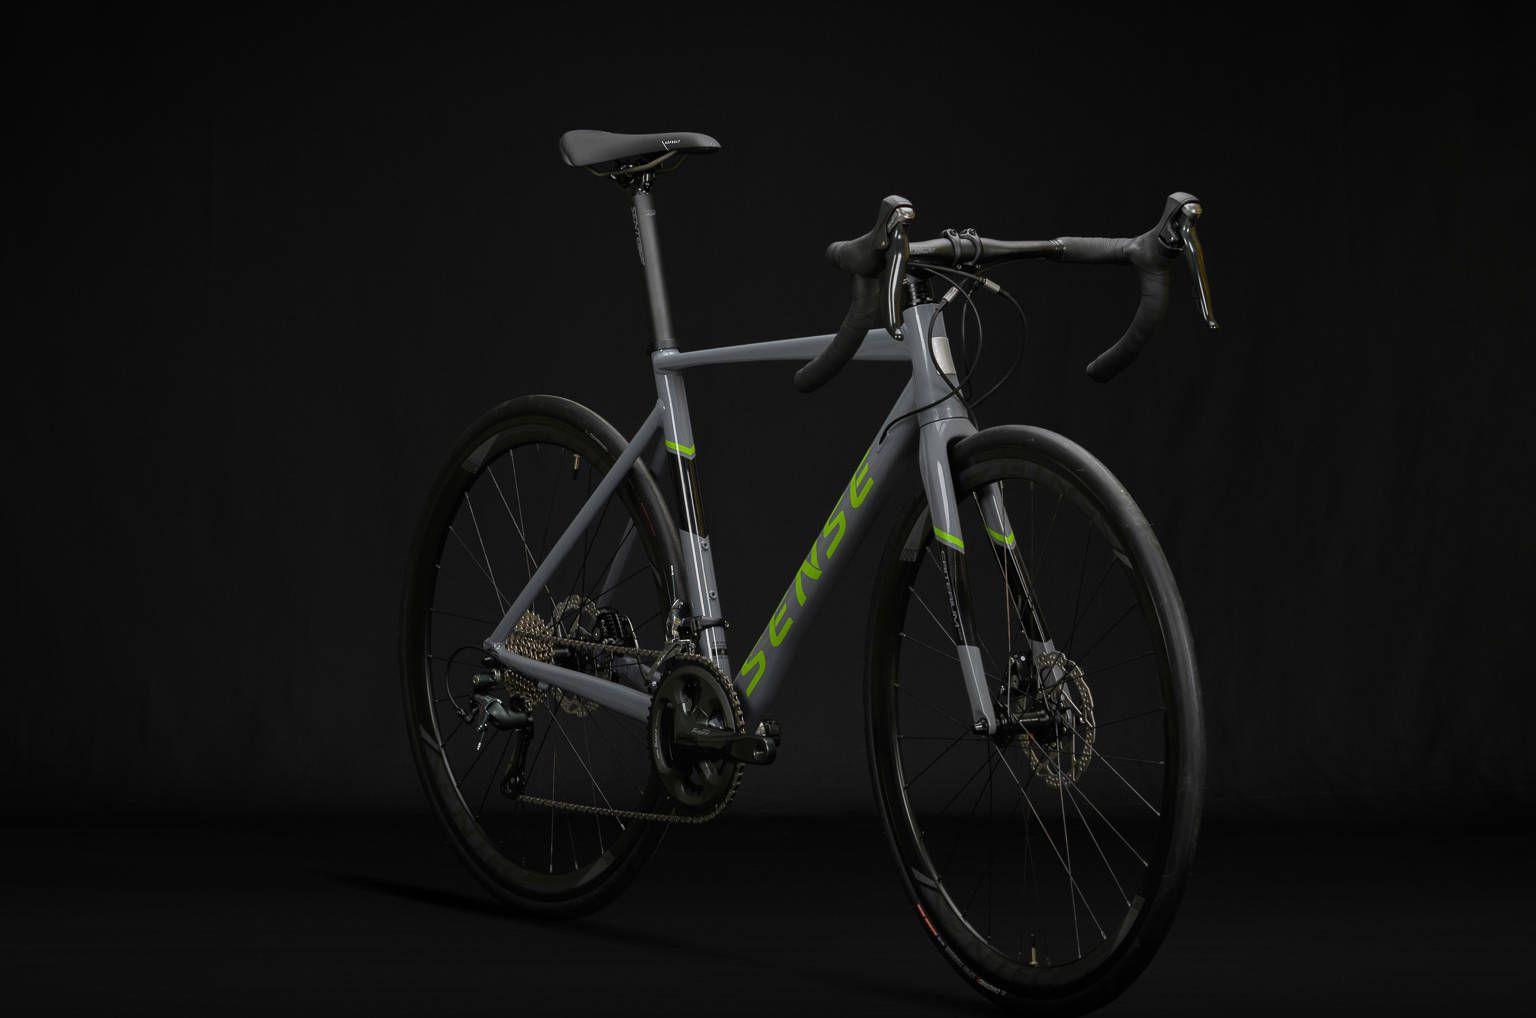 Bicicleta Sense Criterium Race 2020 TAM M